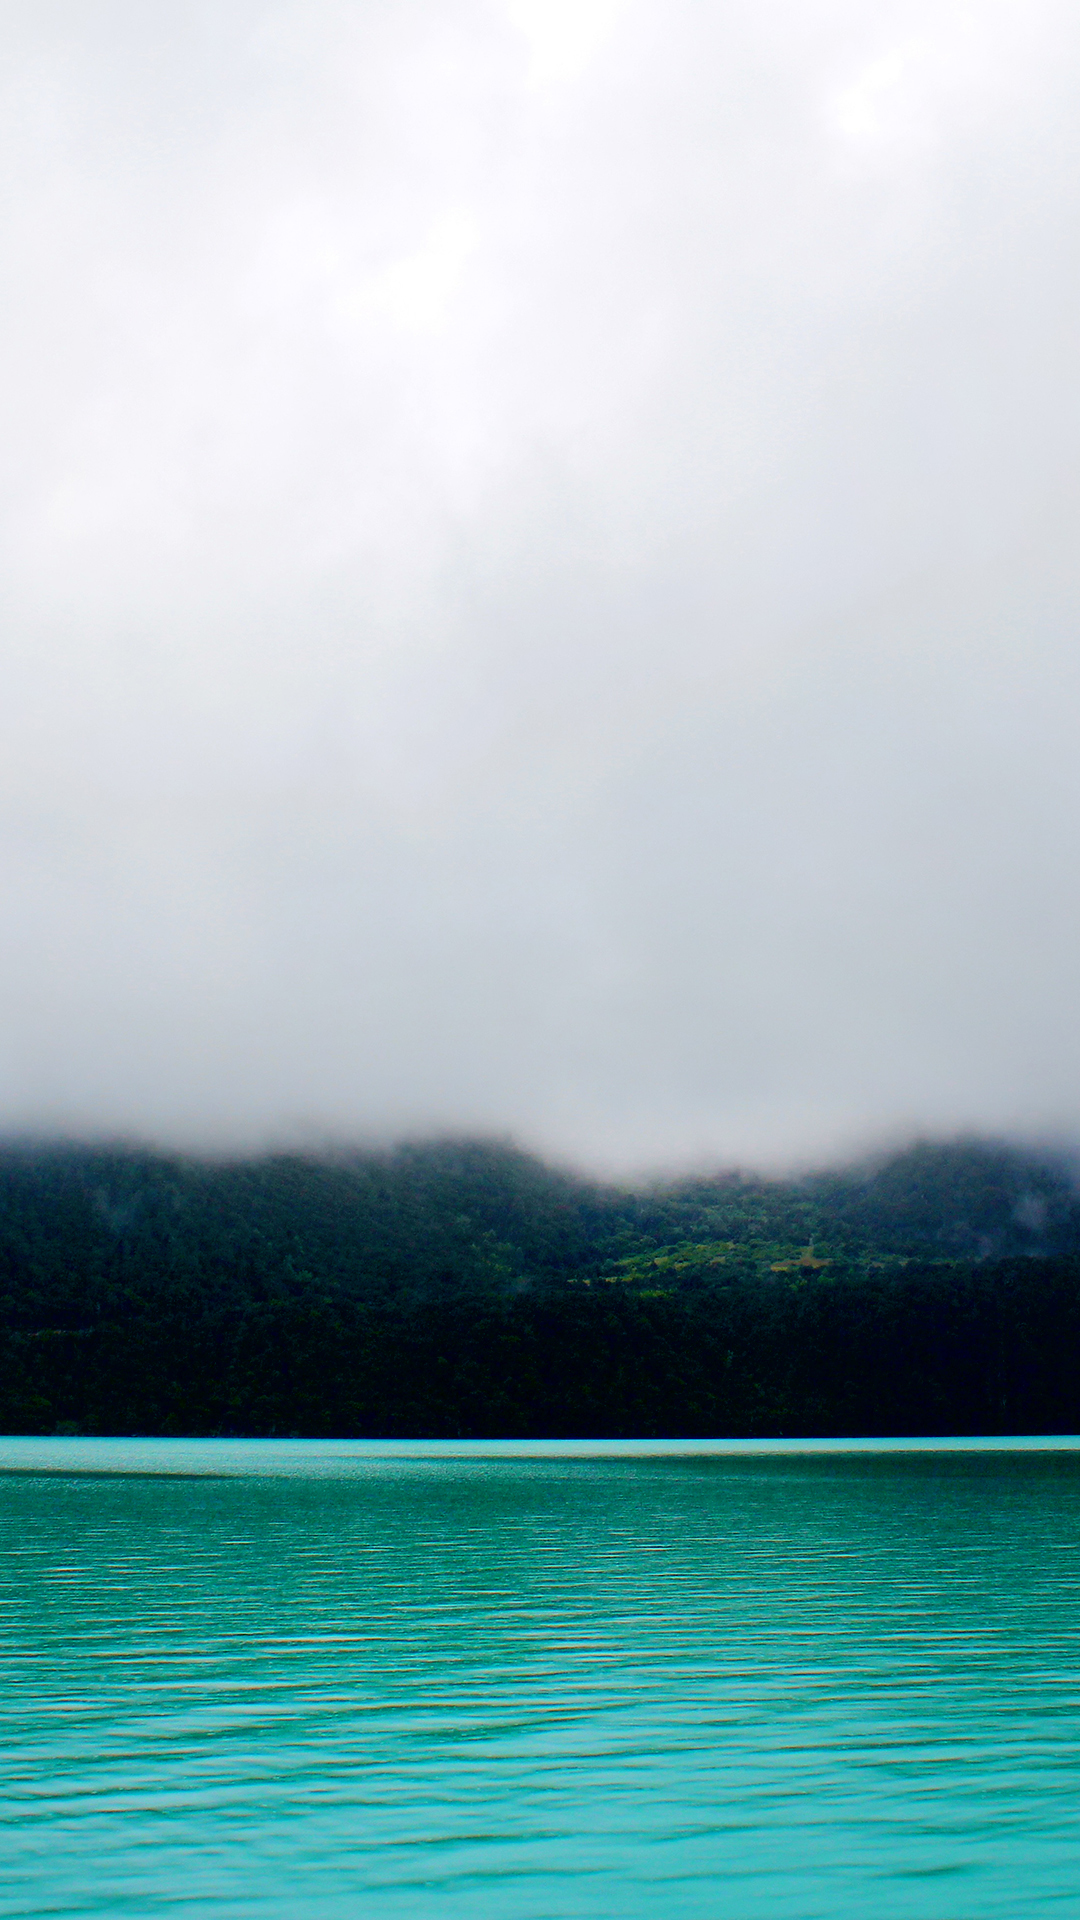 misty-lake-7778